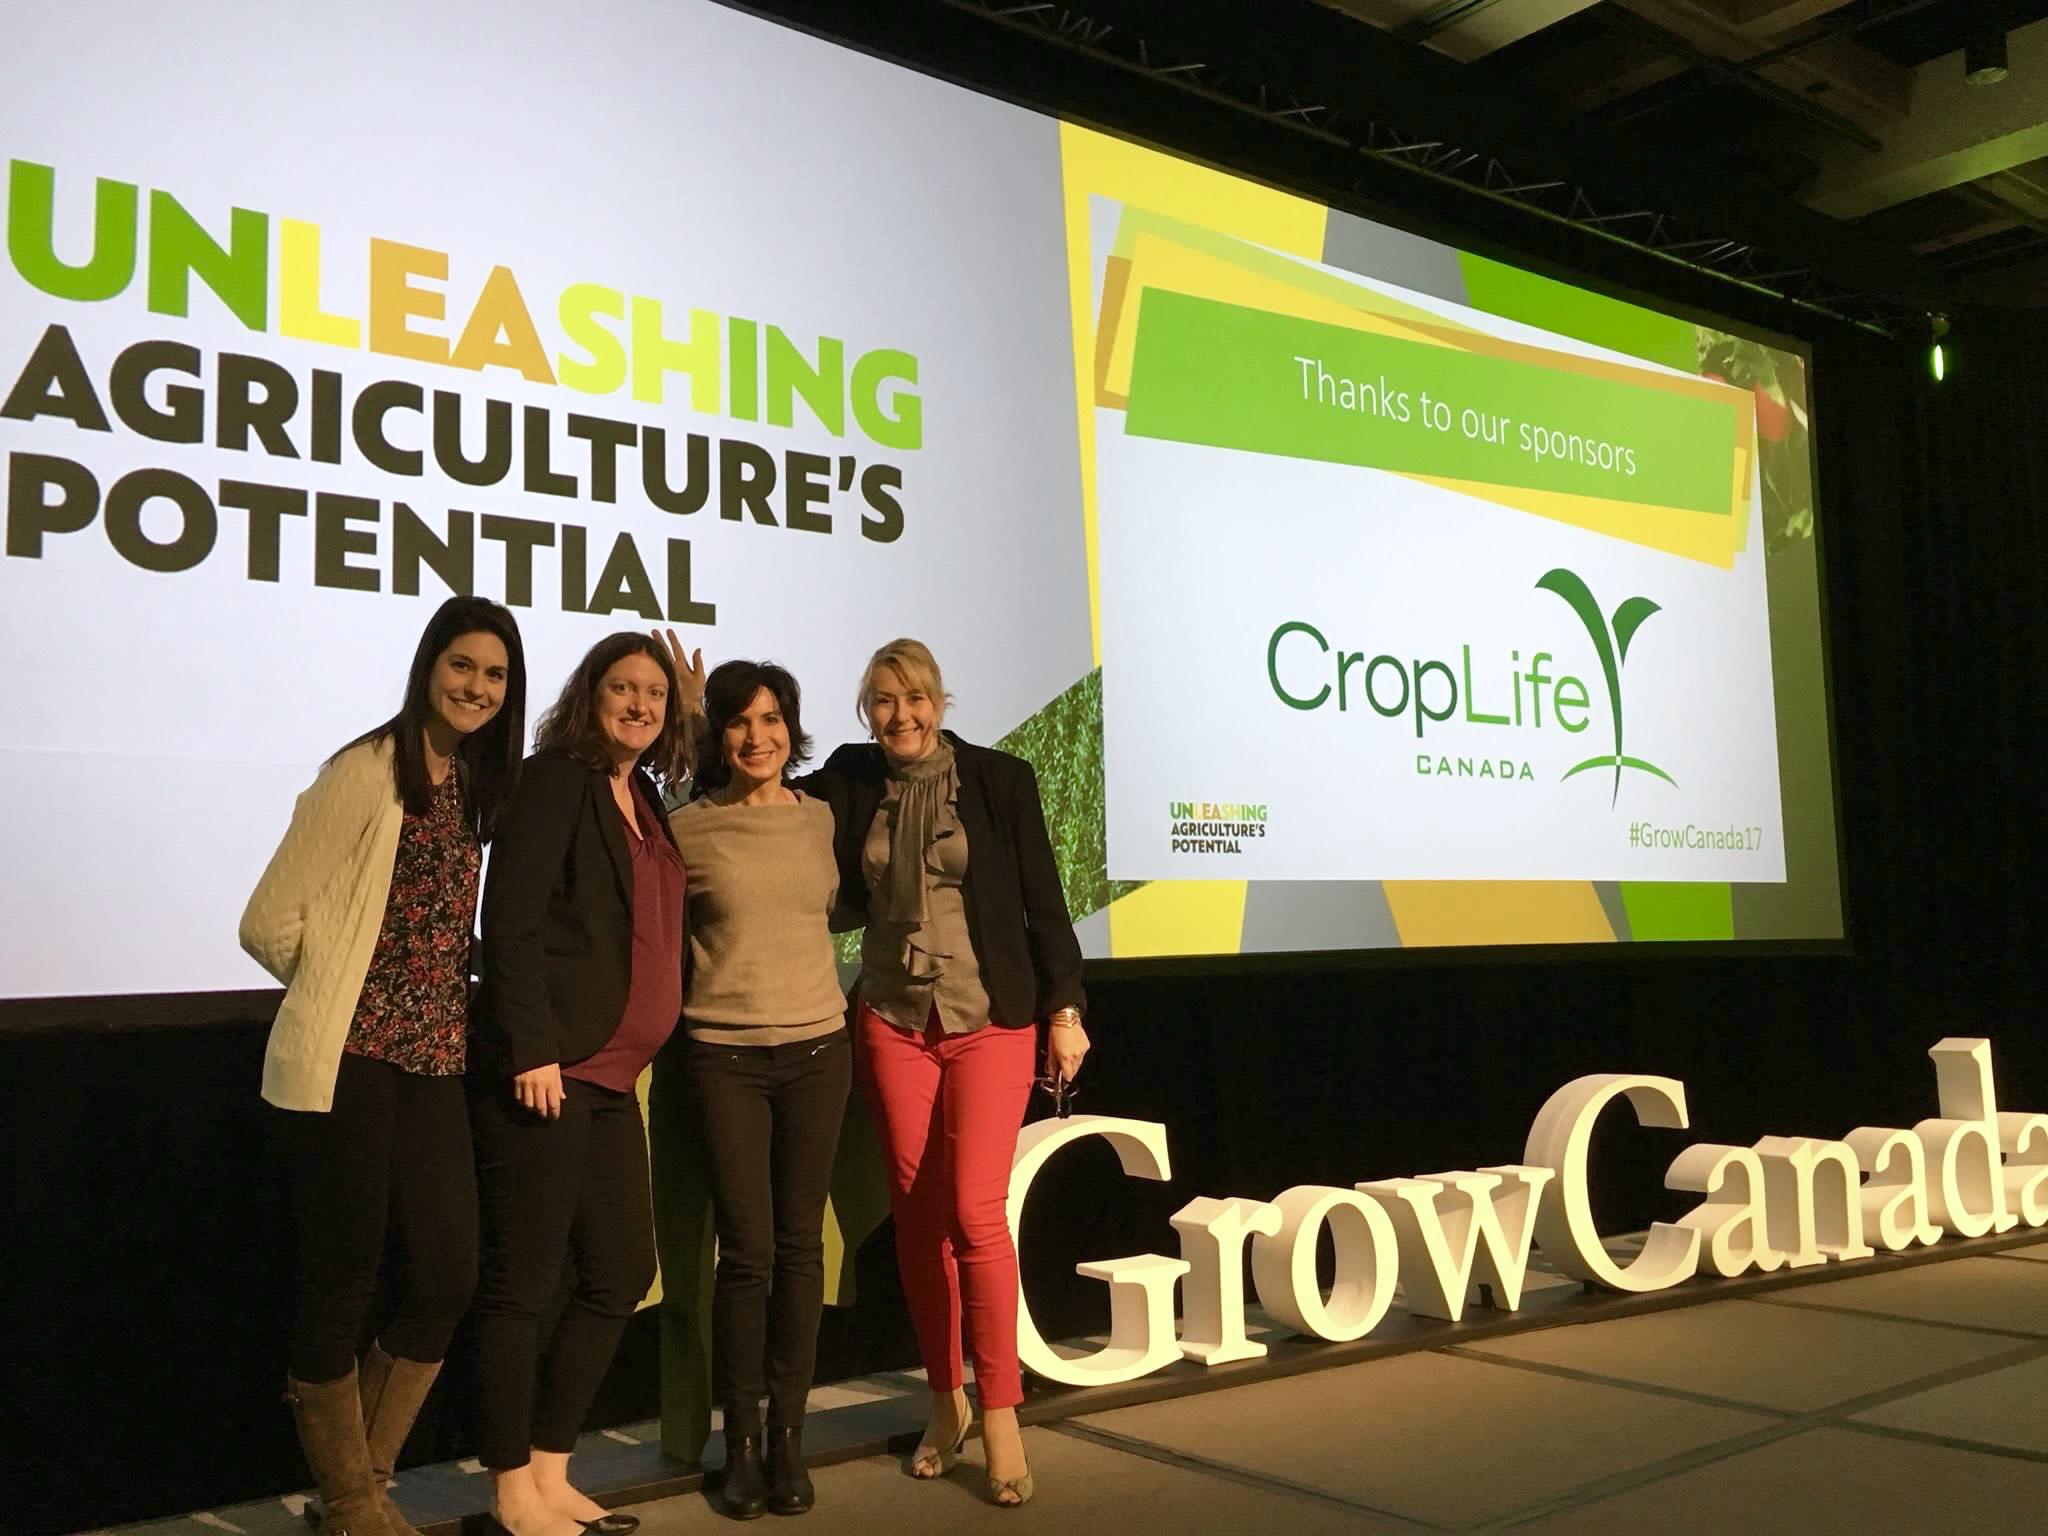 Let's Celebrate Canadian Agriculture in 2018 – Gina Sunderland MSc